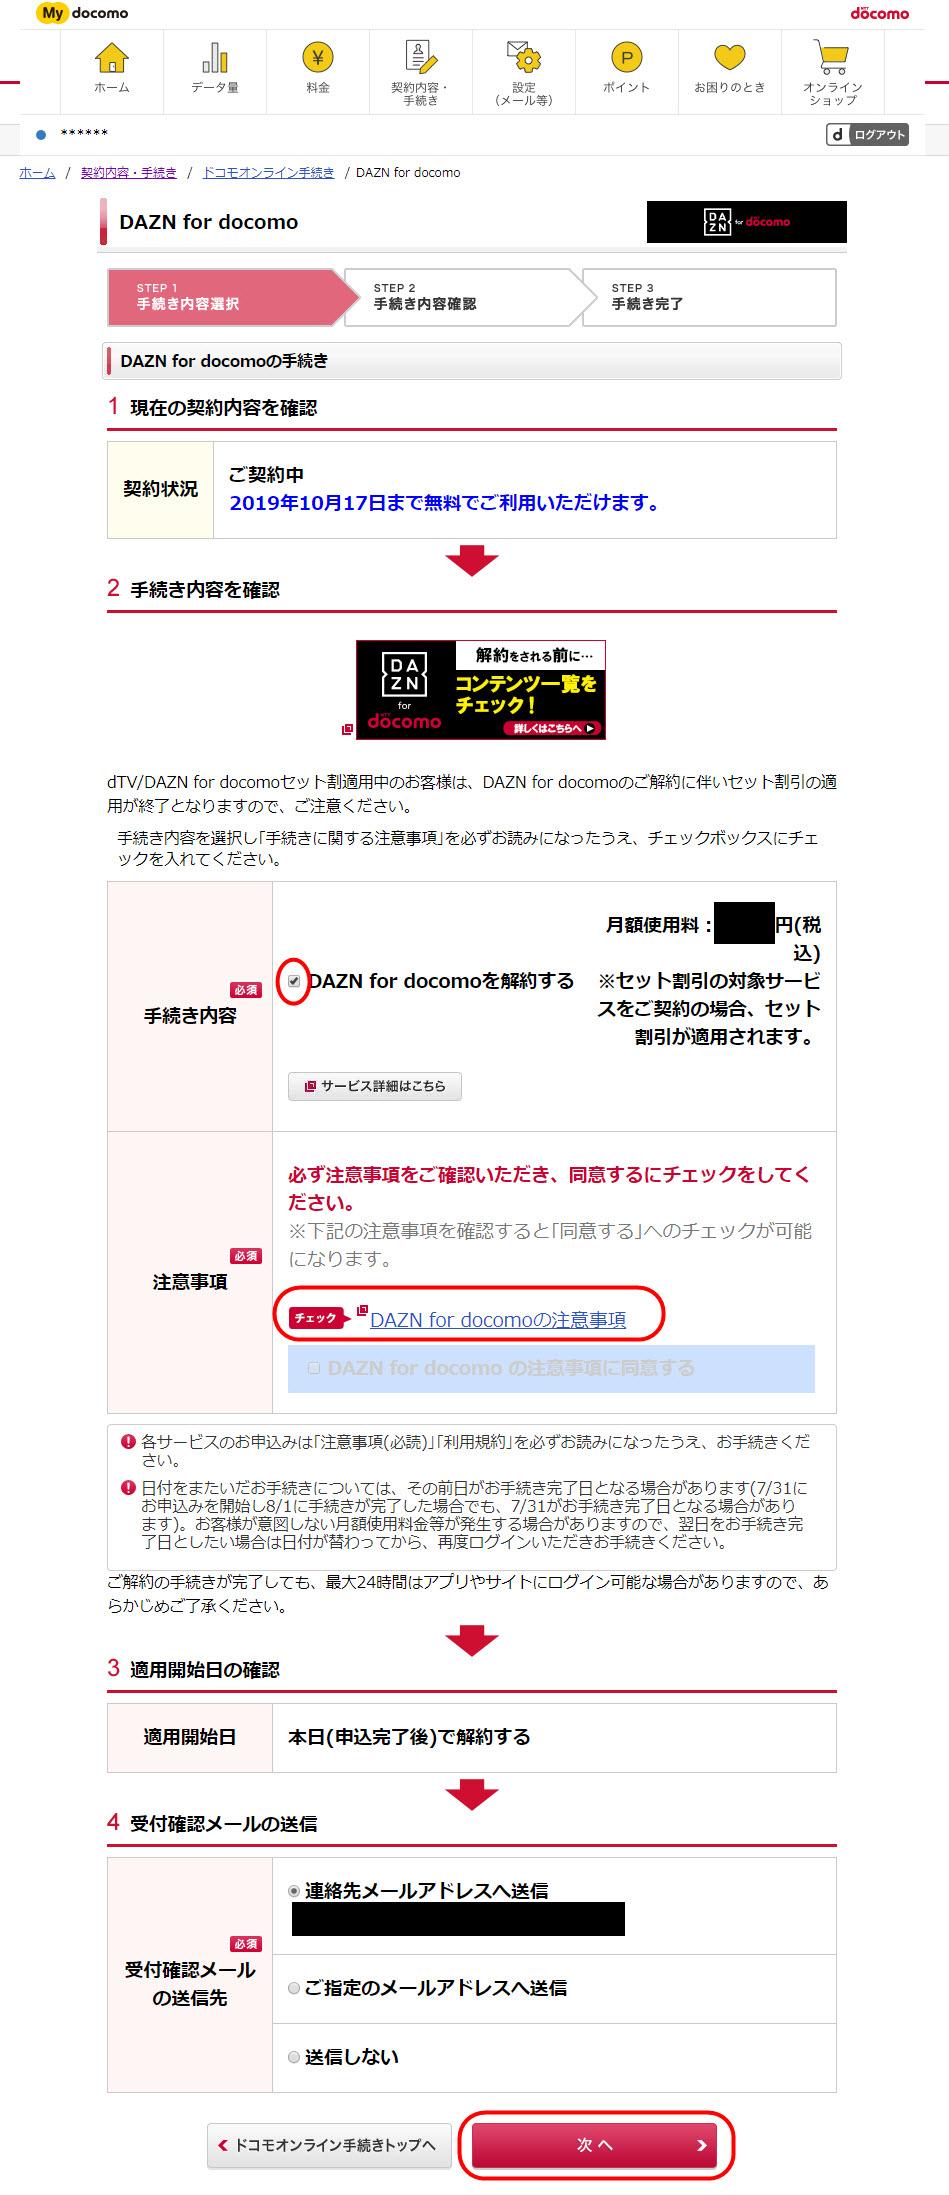 DAZN for docomo ダゾーンフォードコモ DAZN ダゾーン 無料体験 無料登録 入会 加入 契約 無料期間中の解約 解約方法 退会方法